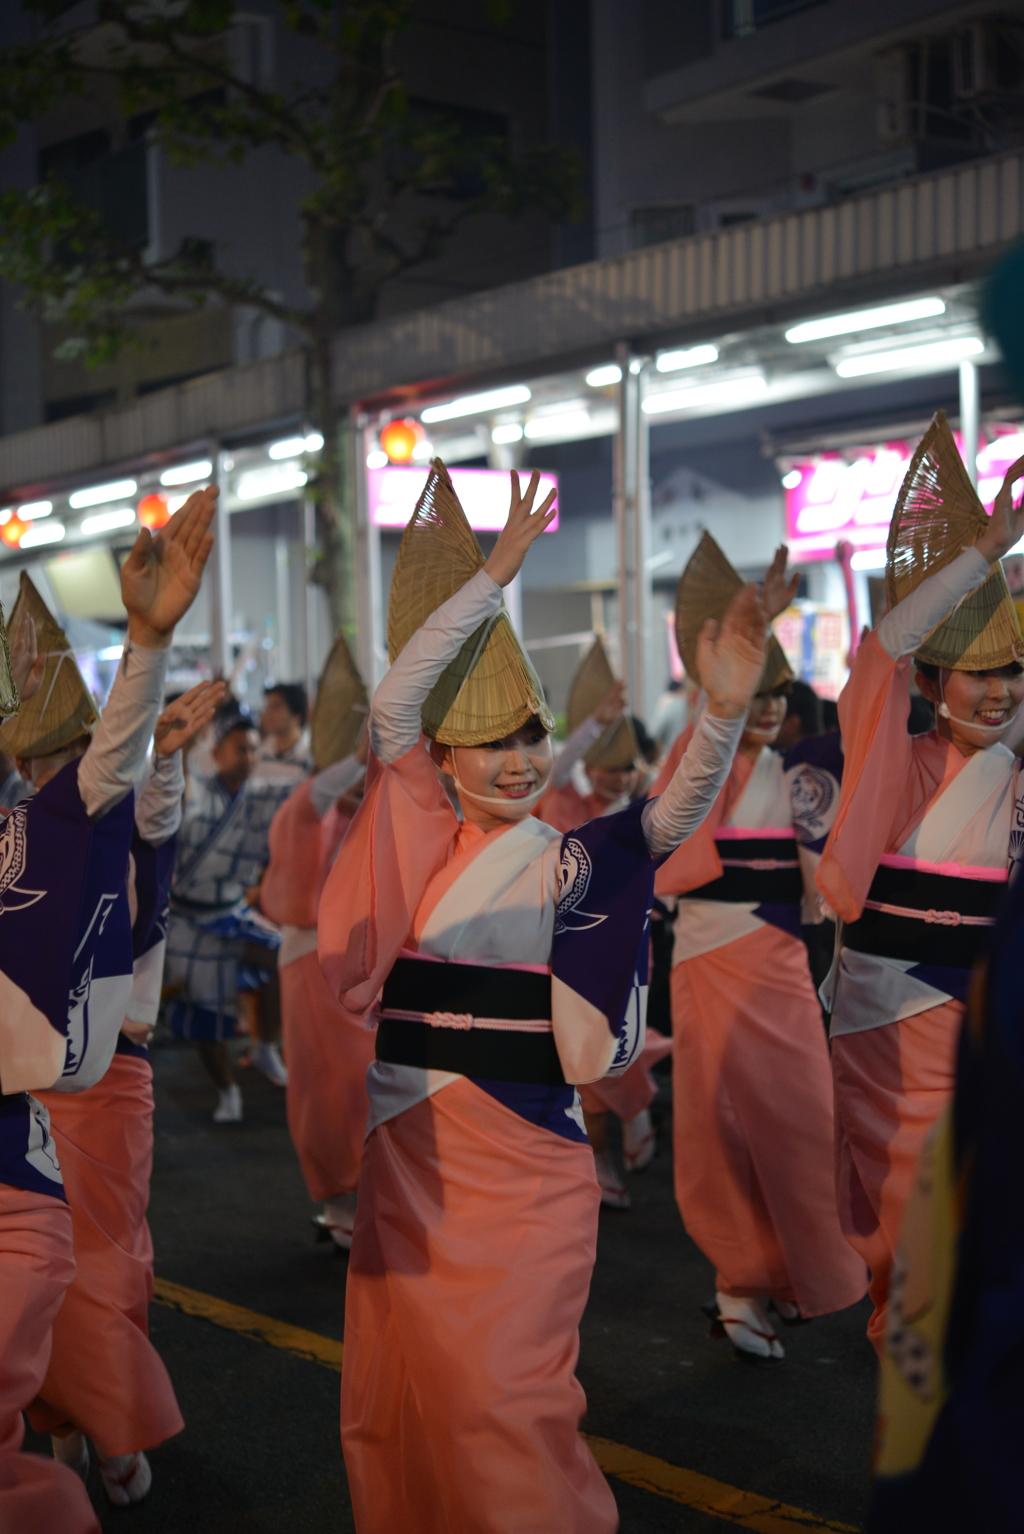 第50回 なべよこ夏まつり 2017/08/05 阿波踊り(5)